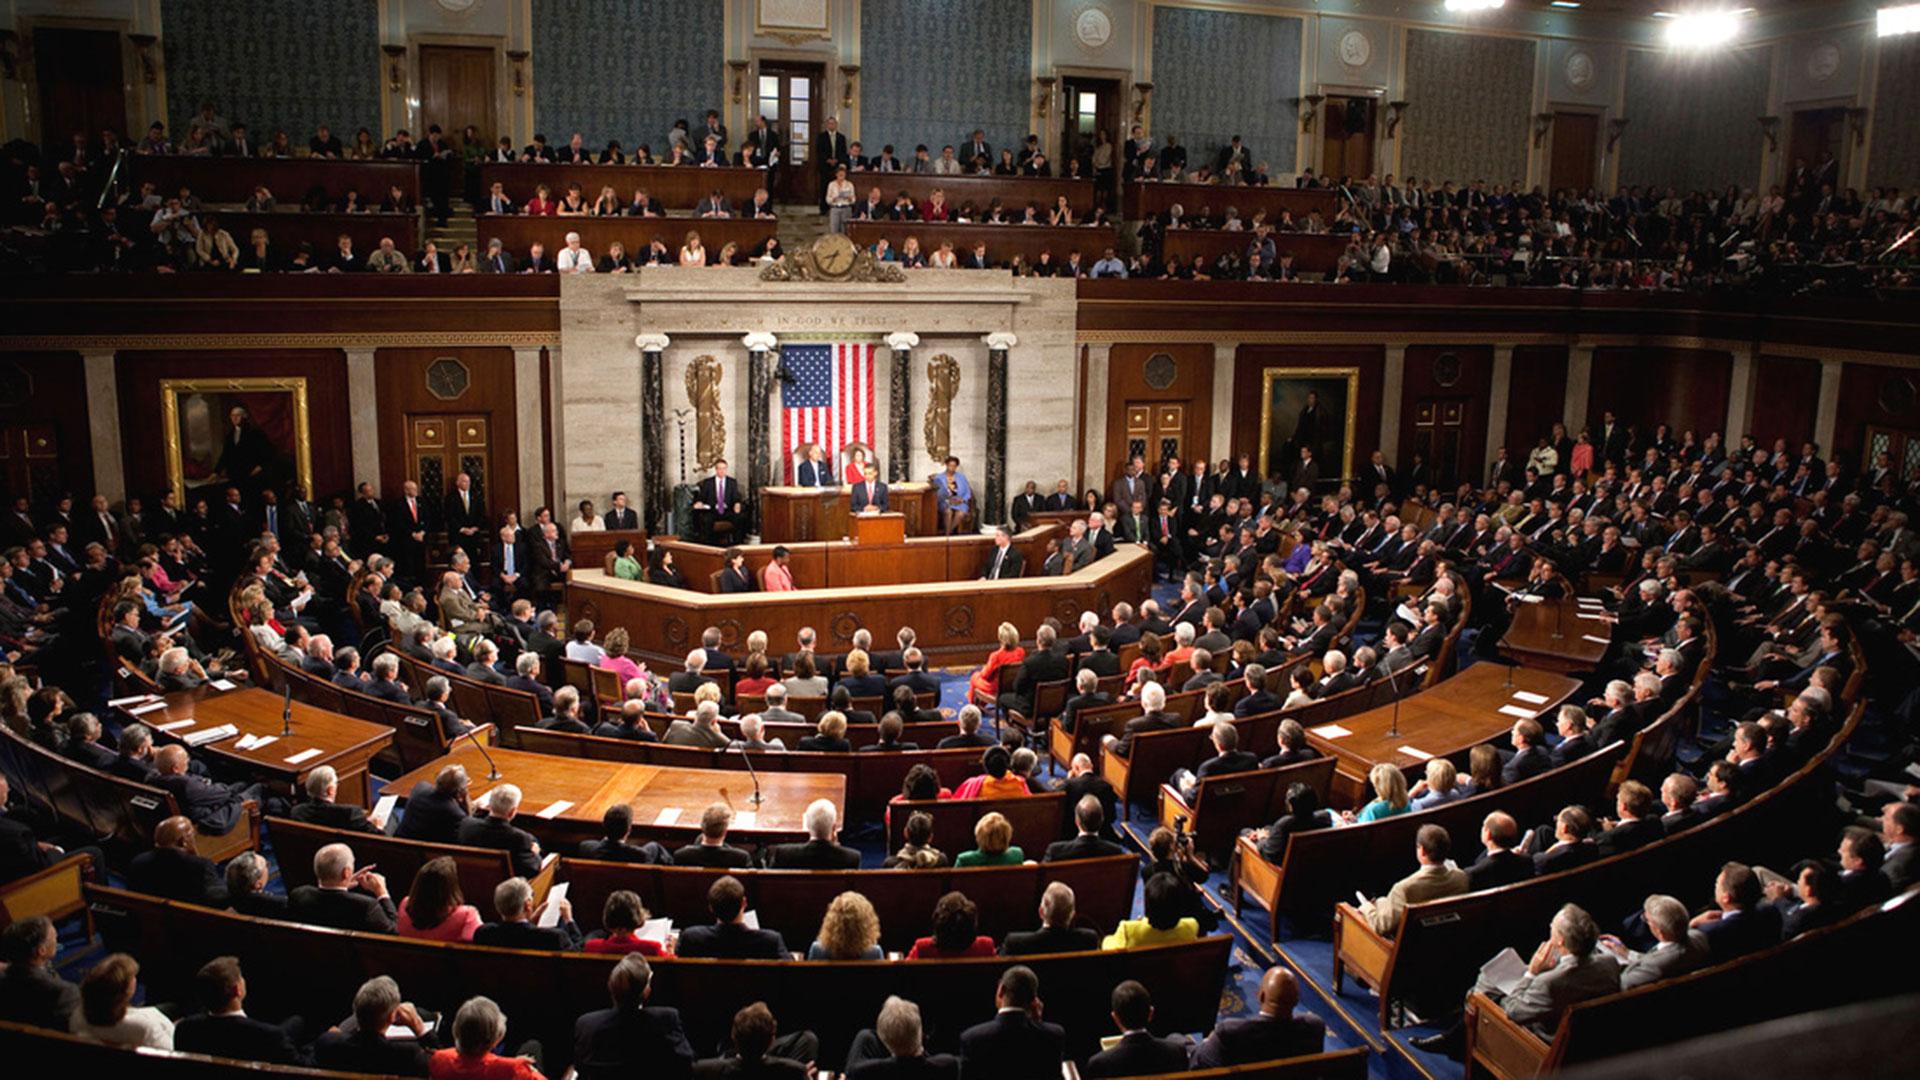 El Partido Republicano tiene mayoría en ambas cámaras del Congreso pero en esta oportunidad, el presidente Trump perdió el voto de más de 10 senadores